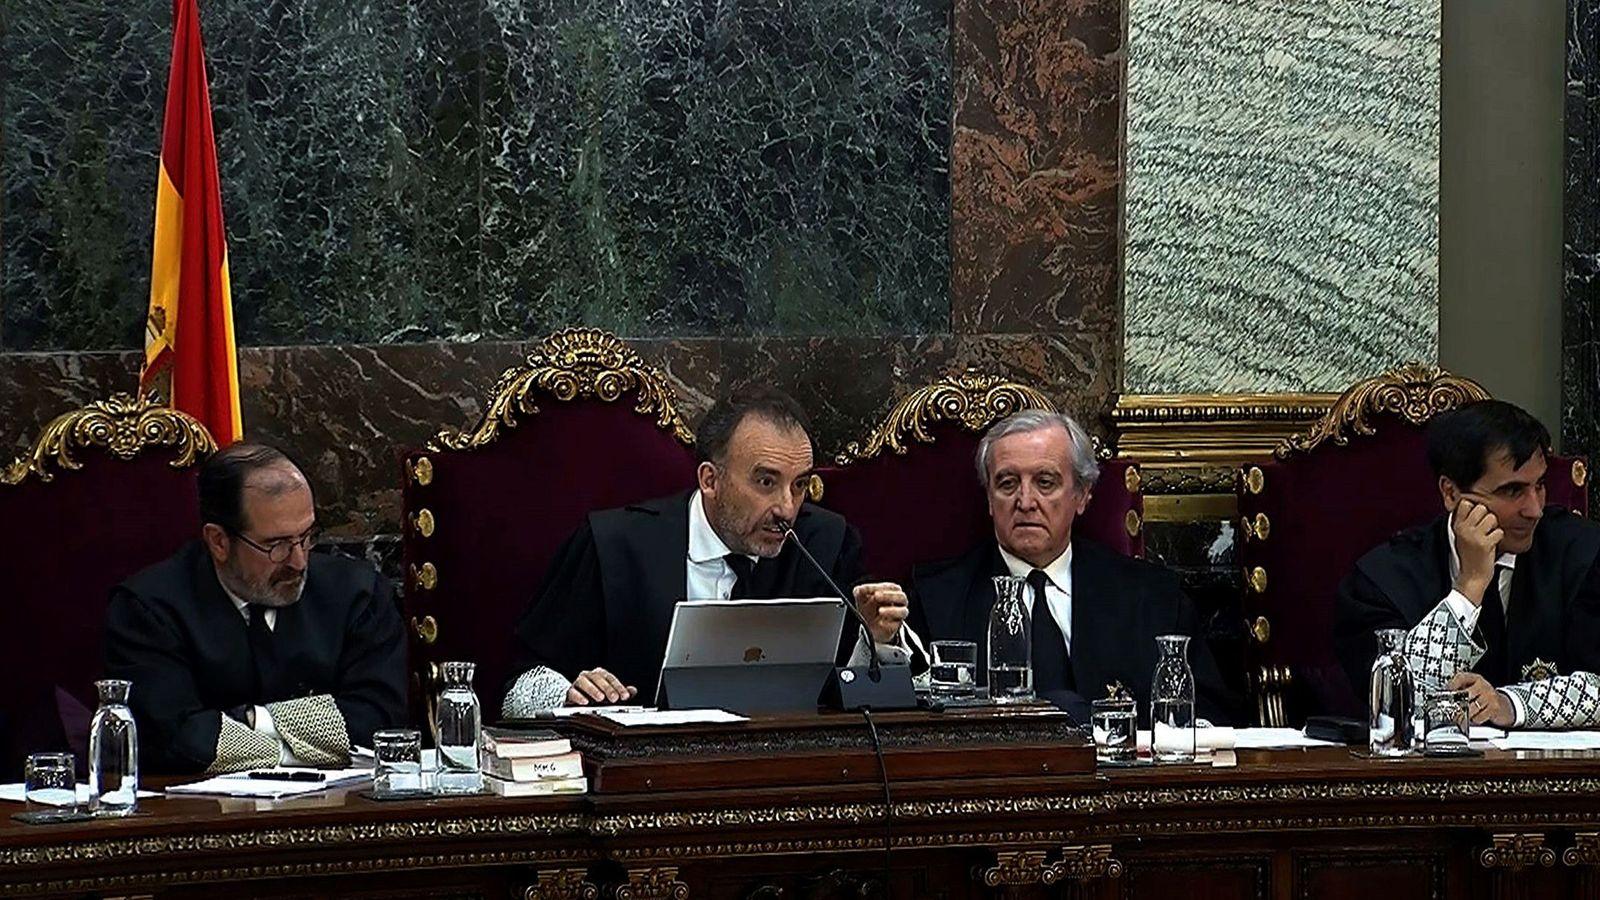 Foto: Imagen tomada de la señal de video institucional del Tribunal Supremo, del presidente del tribunal, Manuel Marchena. (EFE)